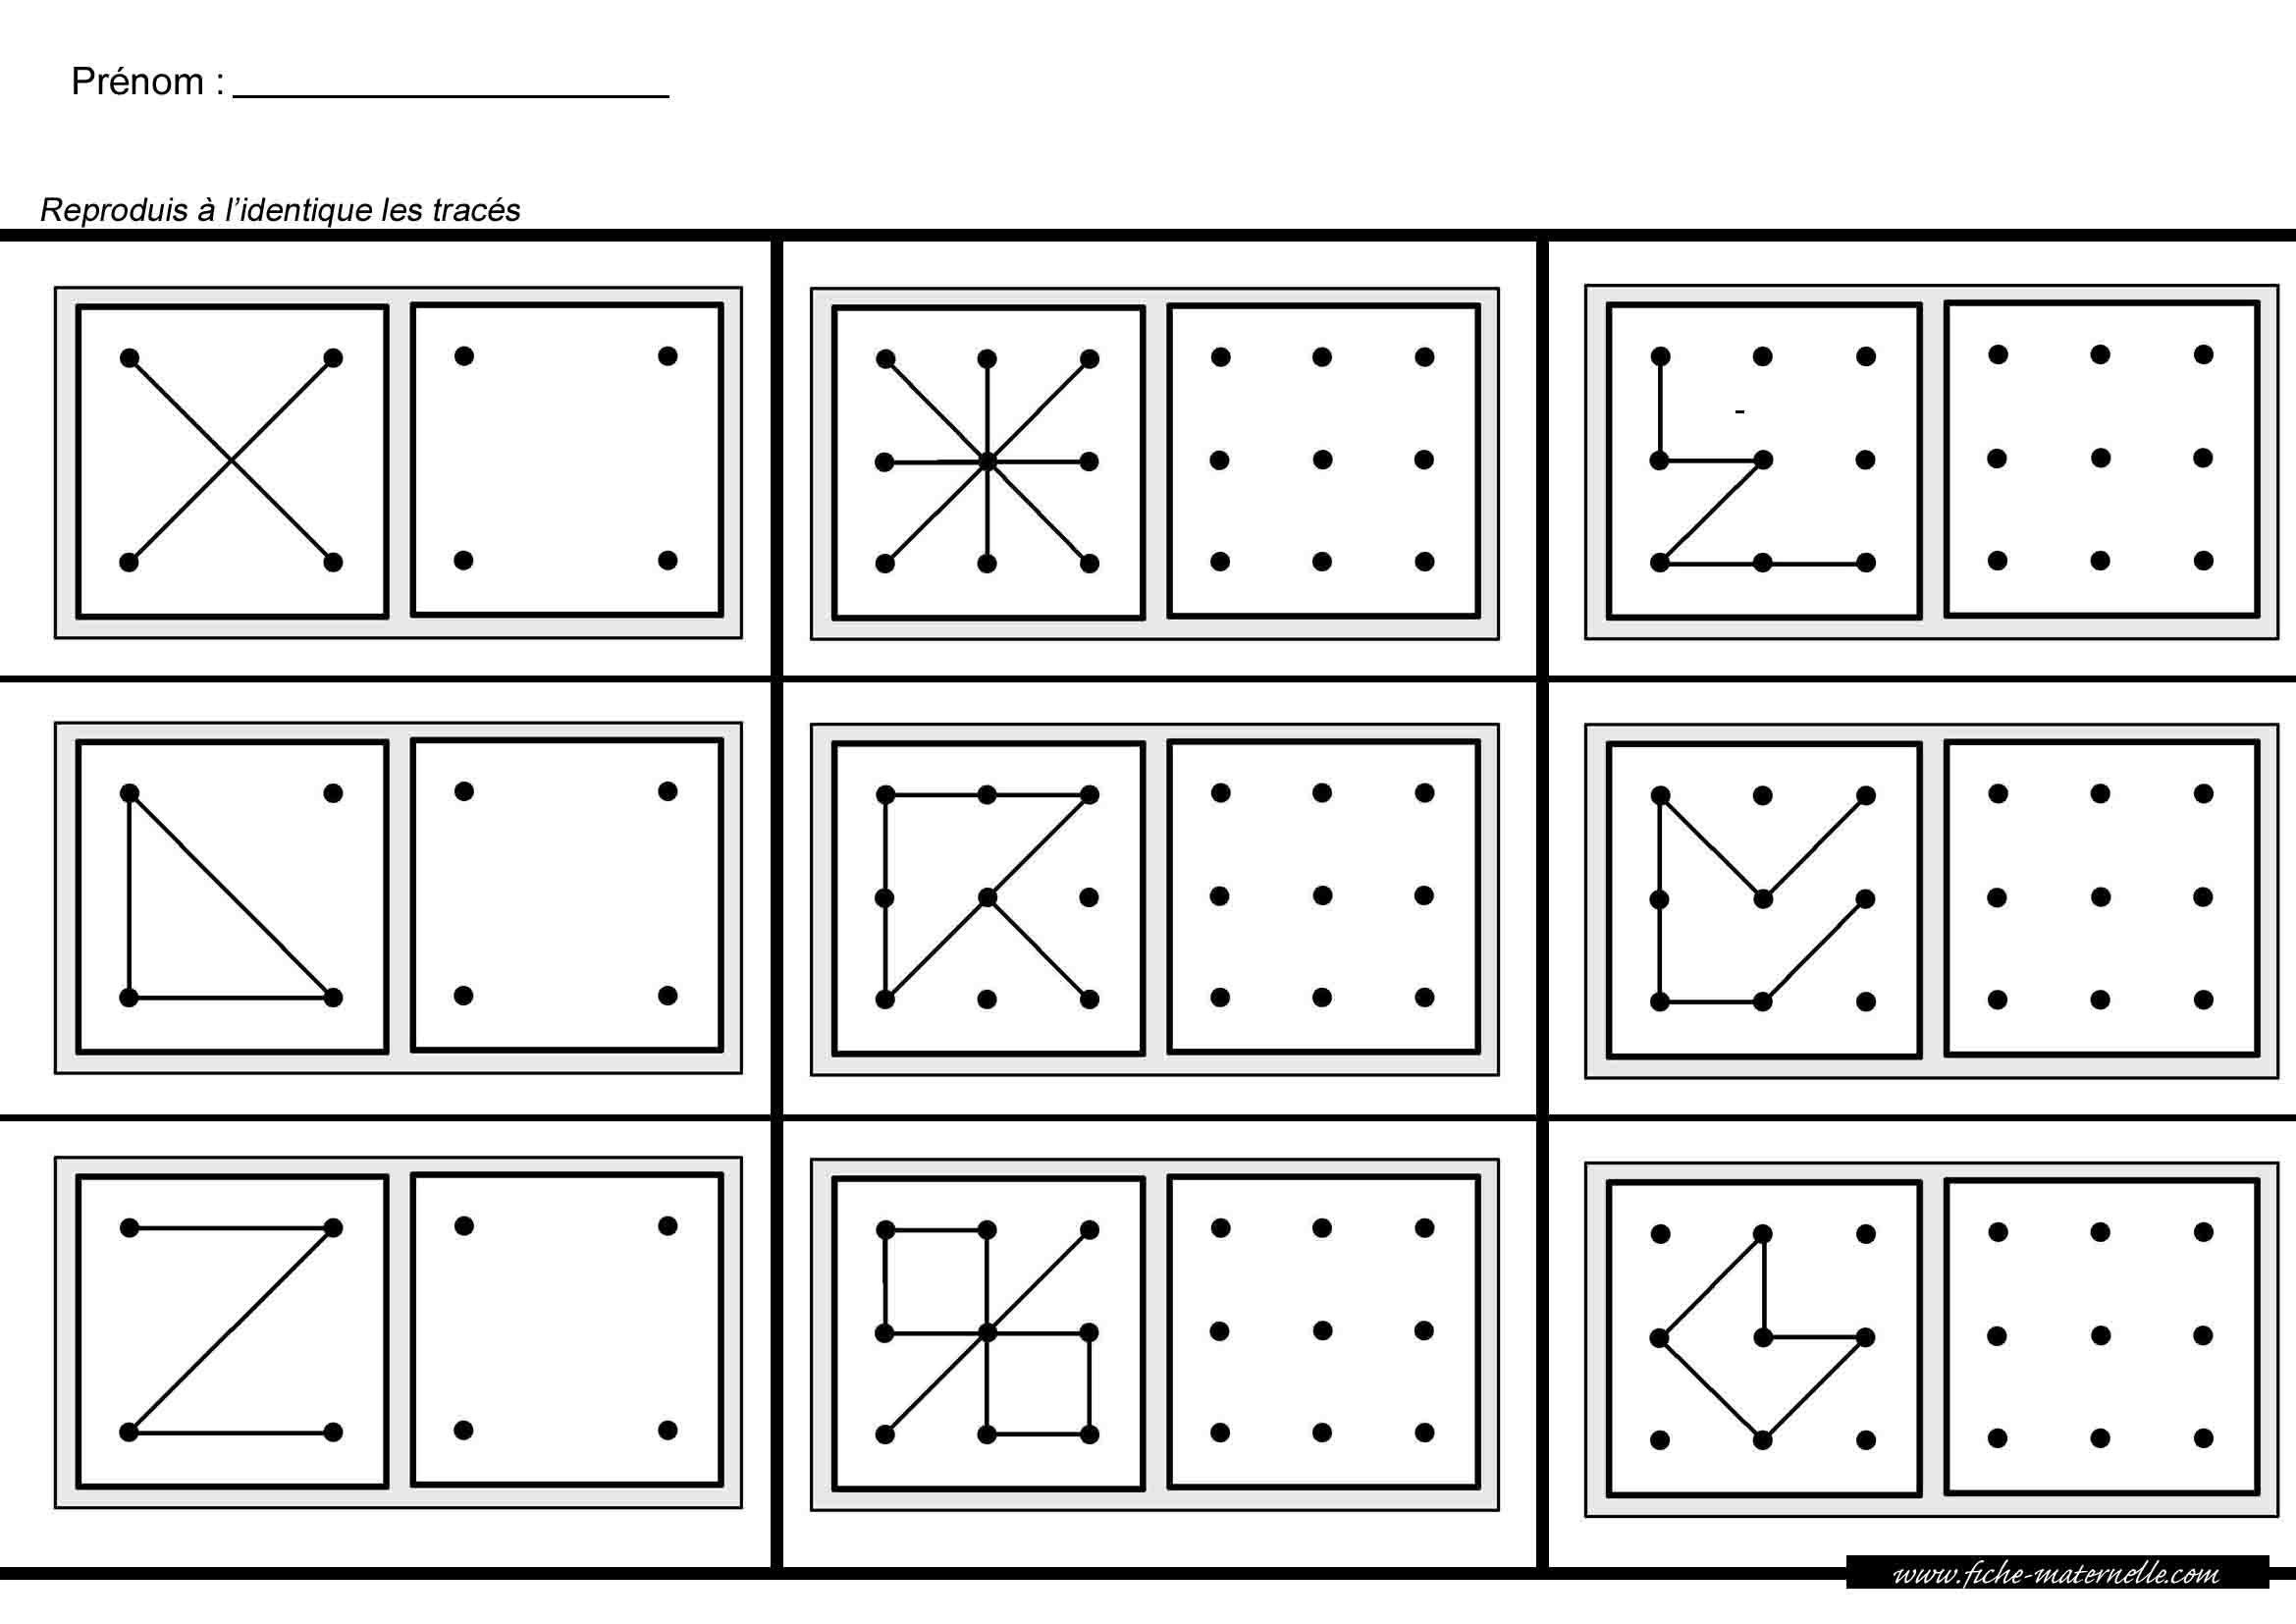 Maternelle Mathématiques Et Géométrie | Mathématiques destiné Fiche Géométrie Cp